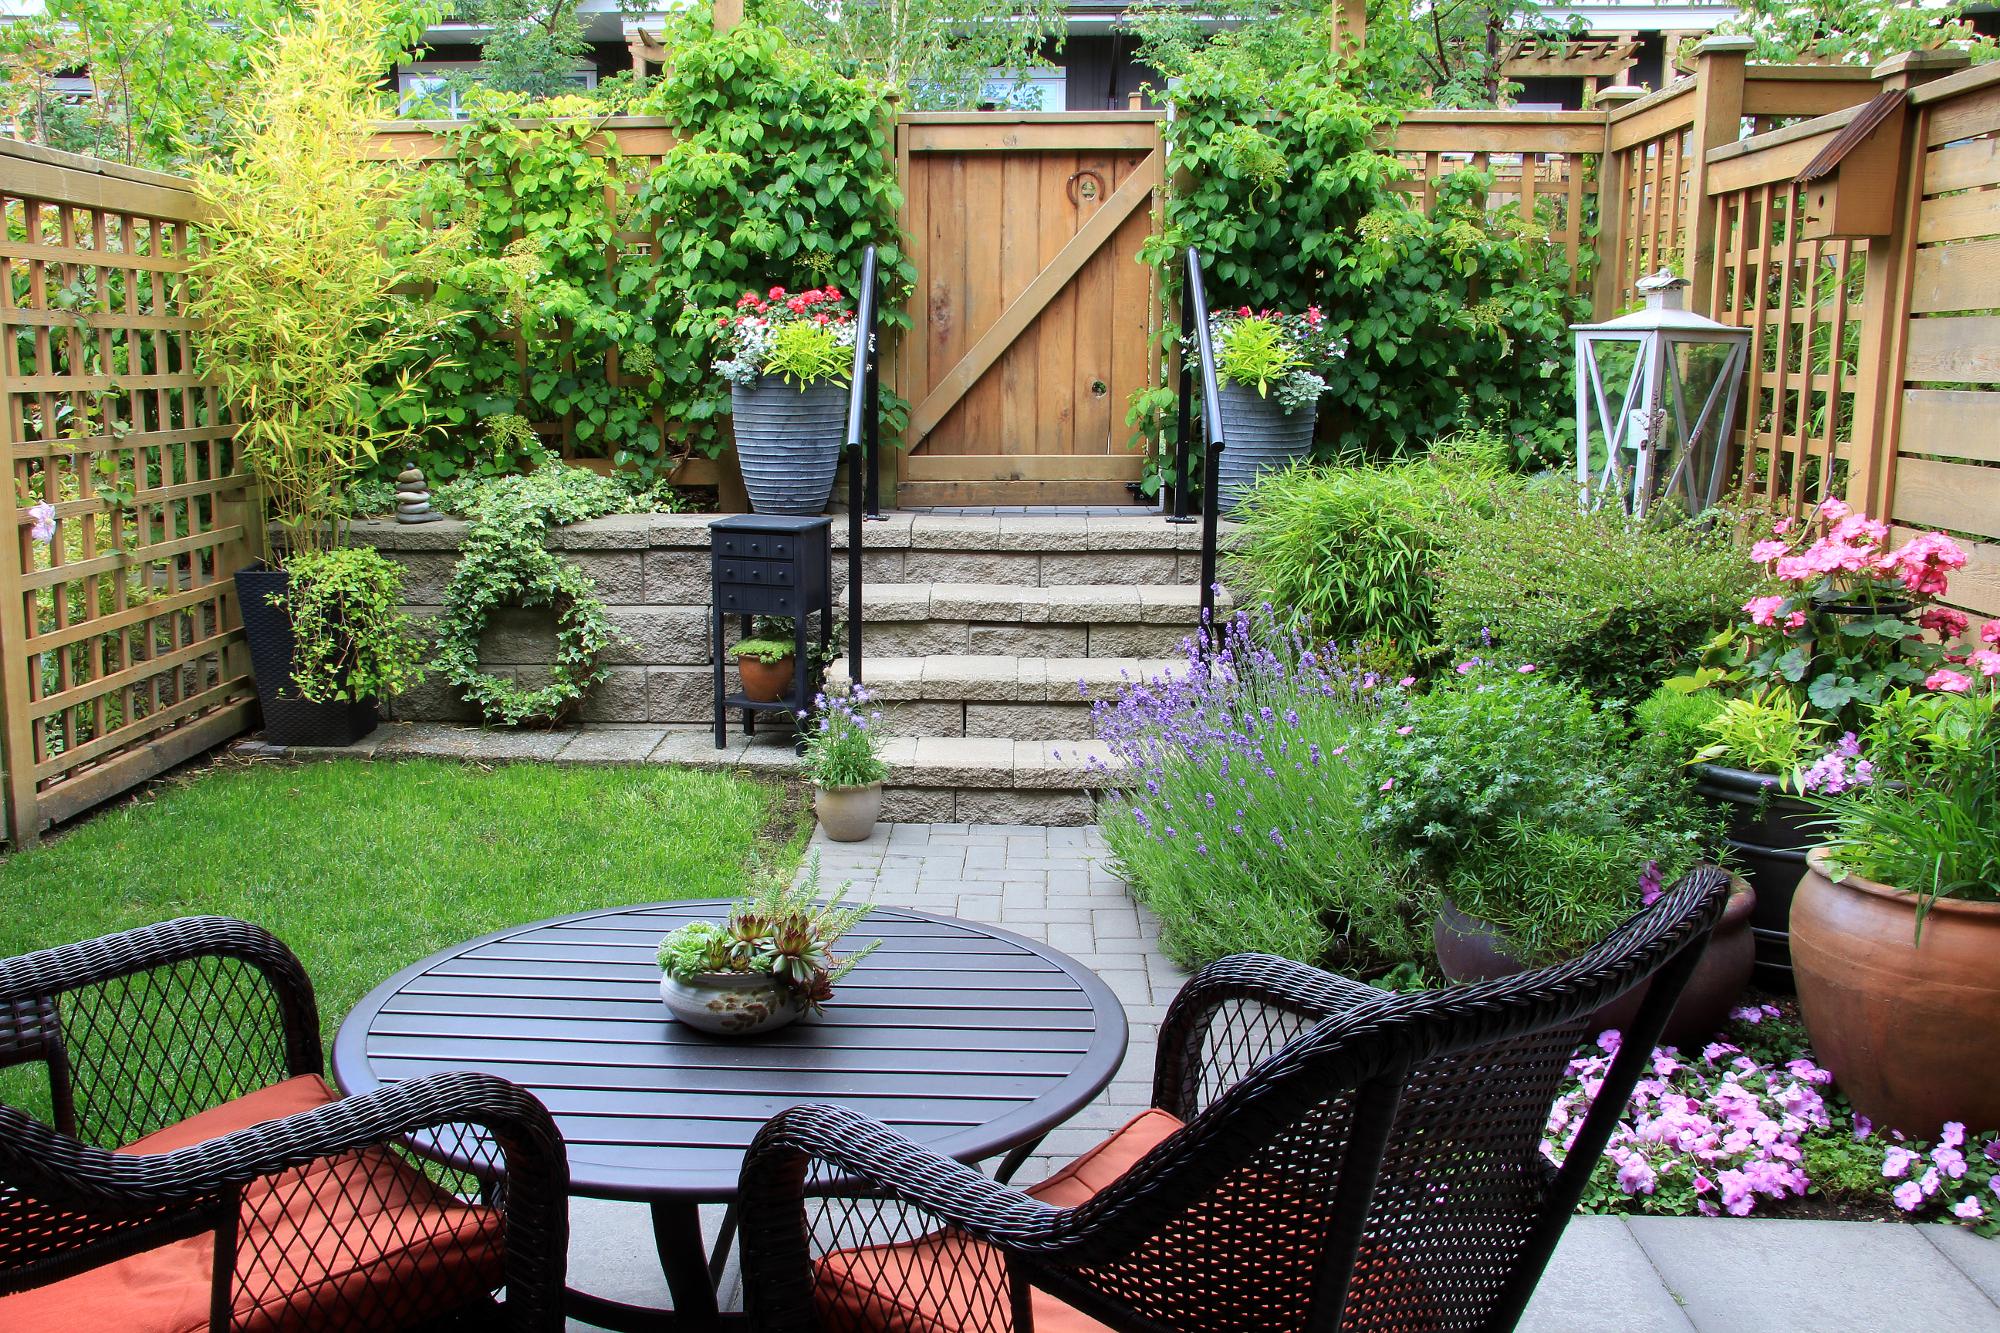 terrasse-balko-gartenleuchten